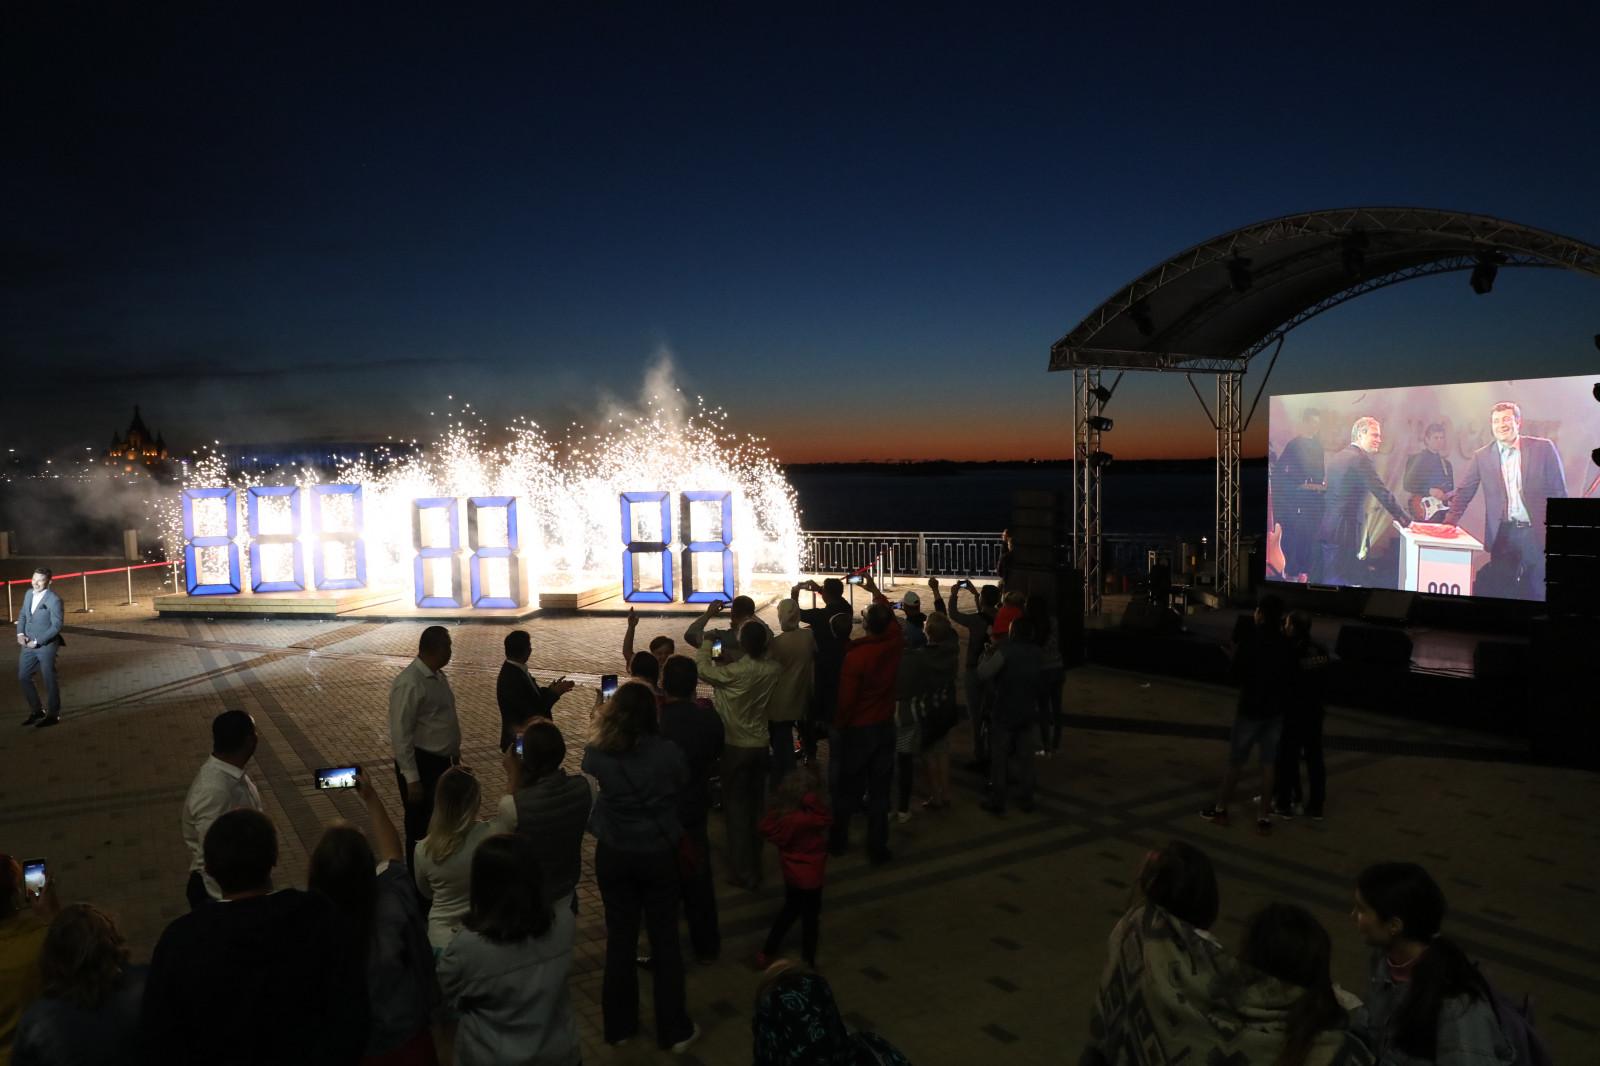 Часы с обратным отсчетом времени до начала празднования 800-летия запущены в Нижнем Новгороде